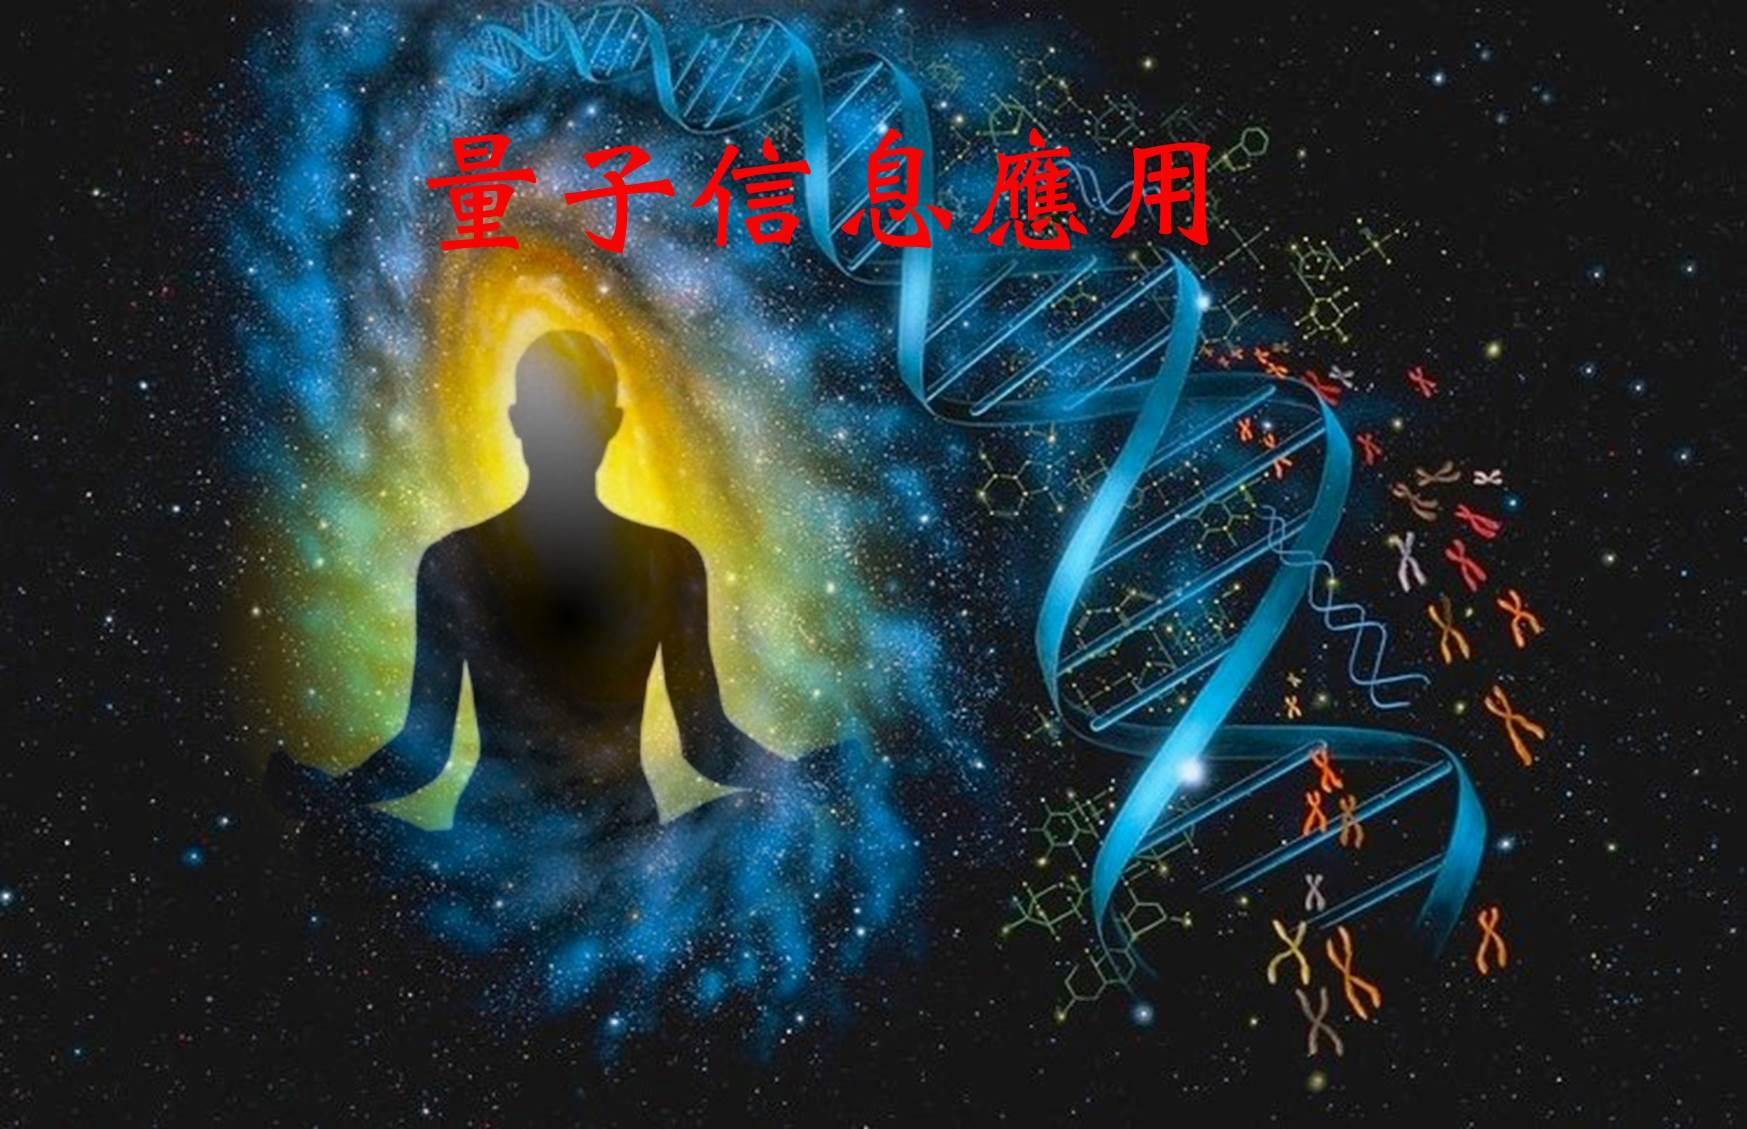 http://taiwancom.tw/biochip/biochi8.jpg